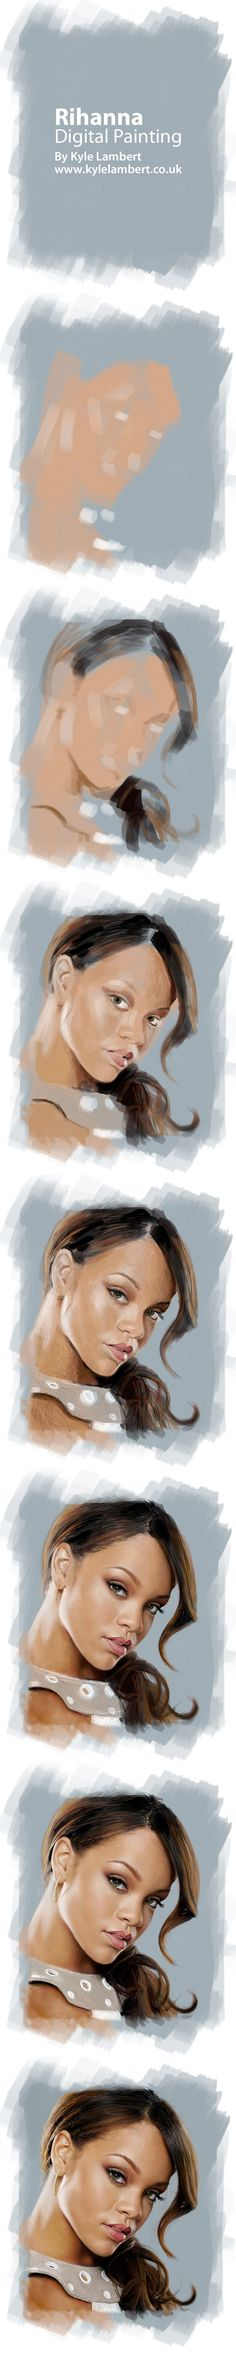 Rihanna Digital Painting by Kyle Lambert